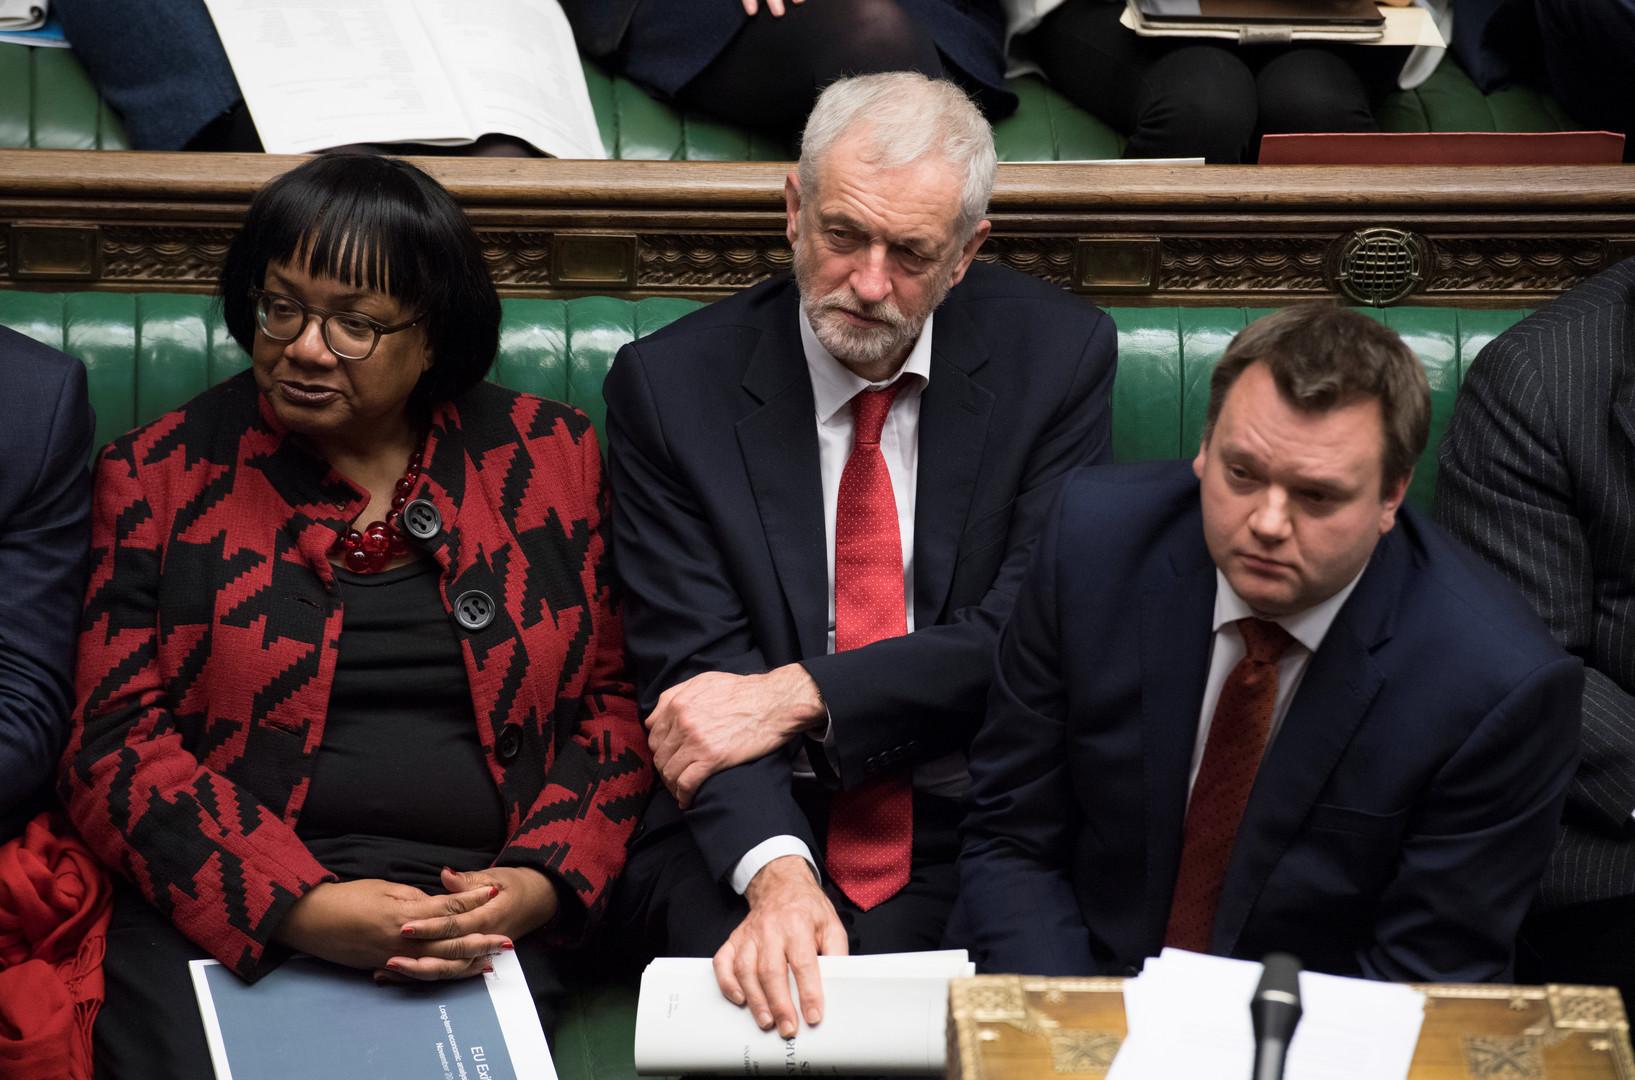 مجلس العموم البريطاني يرفض الموافقة على الصفقة بين لندن وبروكسل حول